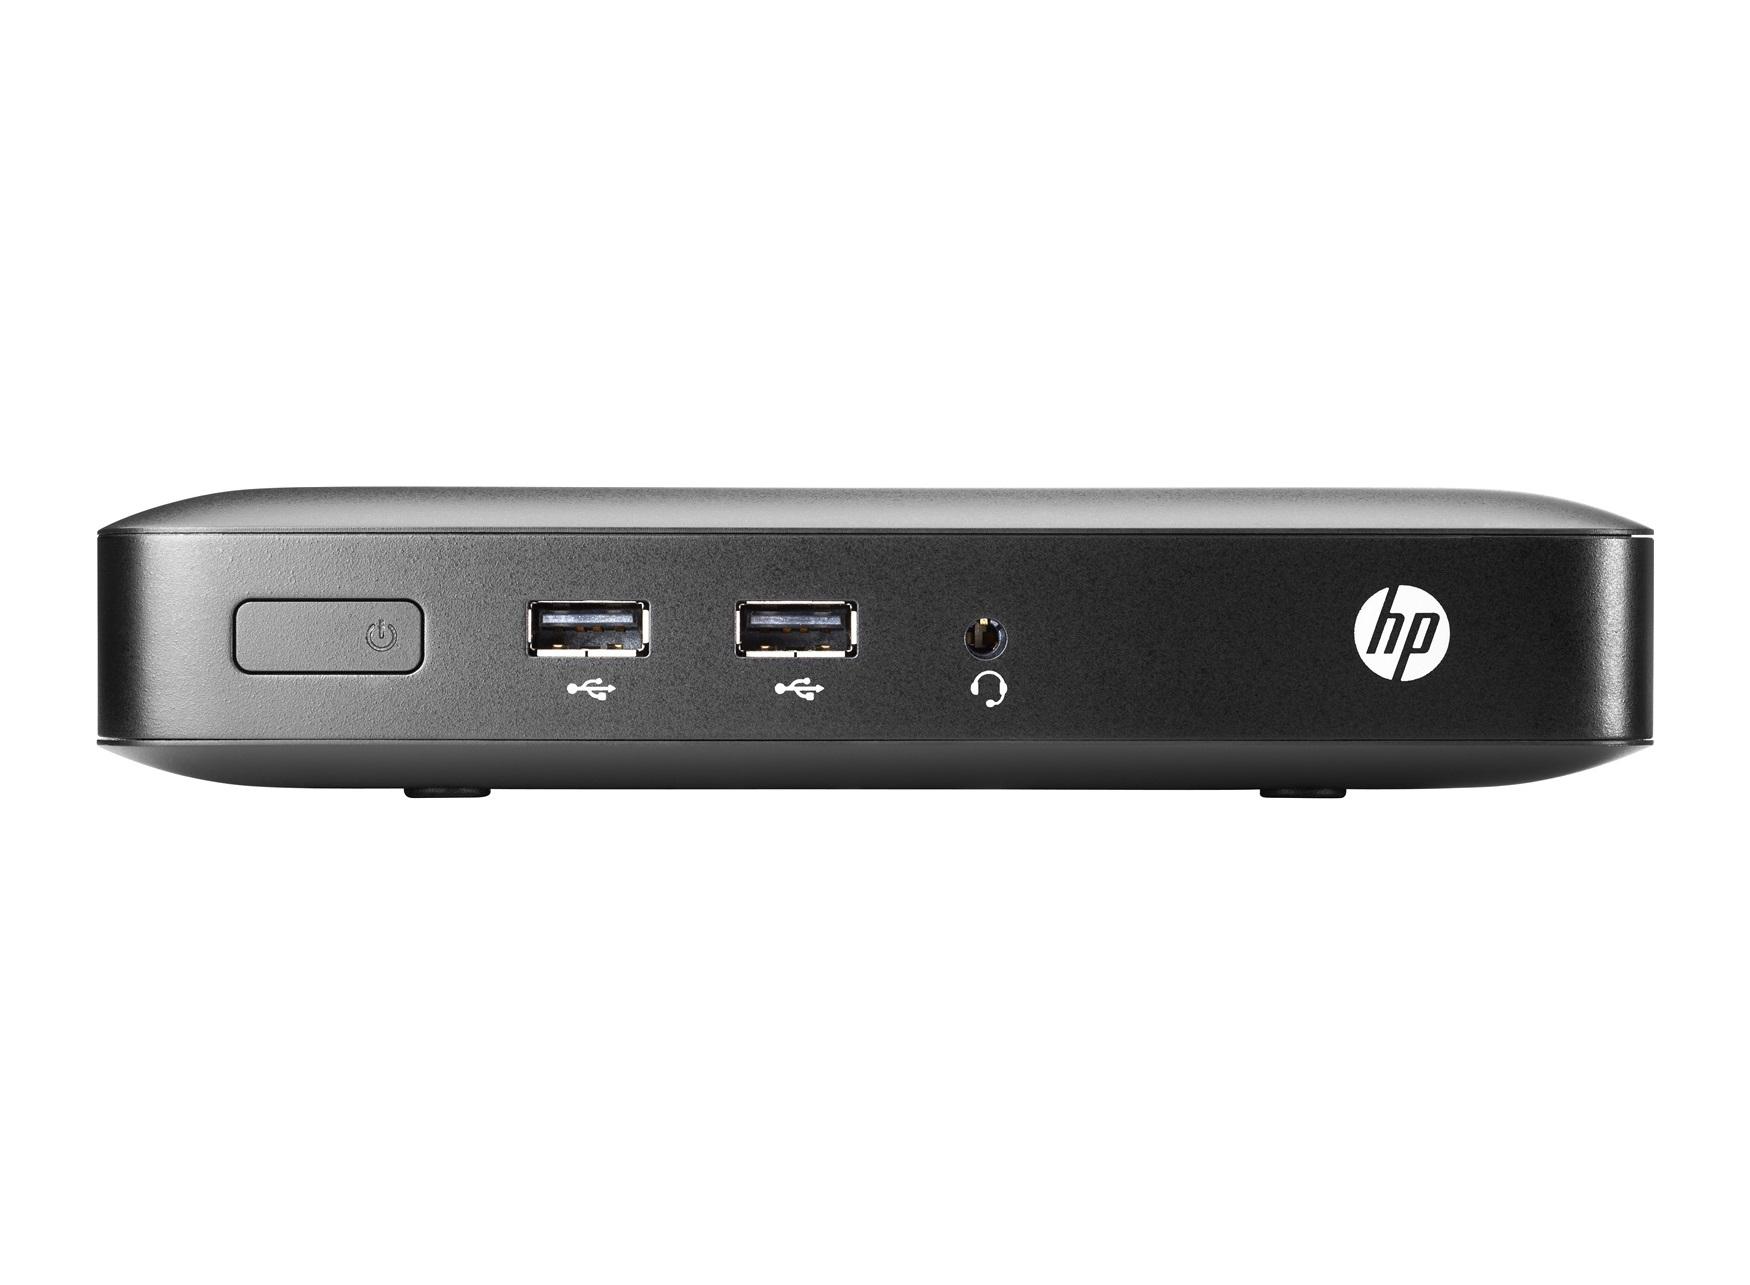 HP t420 1GHz 740g